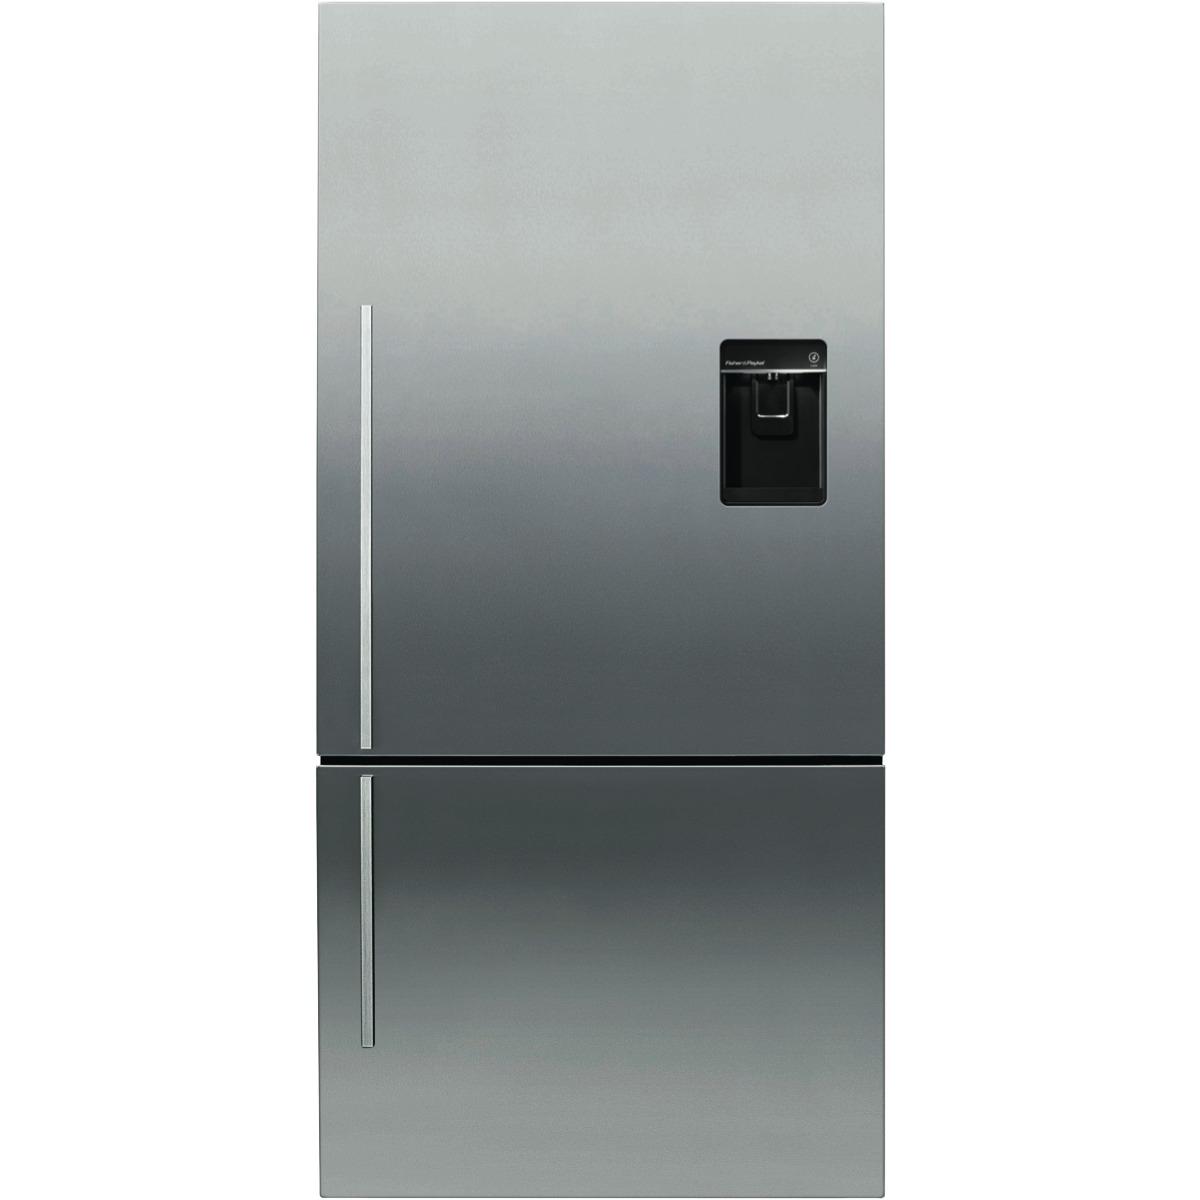 Fisher paykel reviews fridge freezer